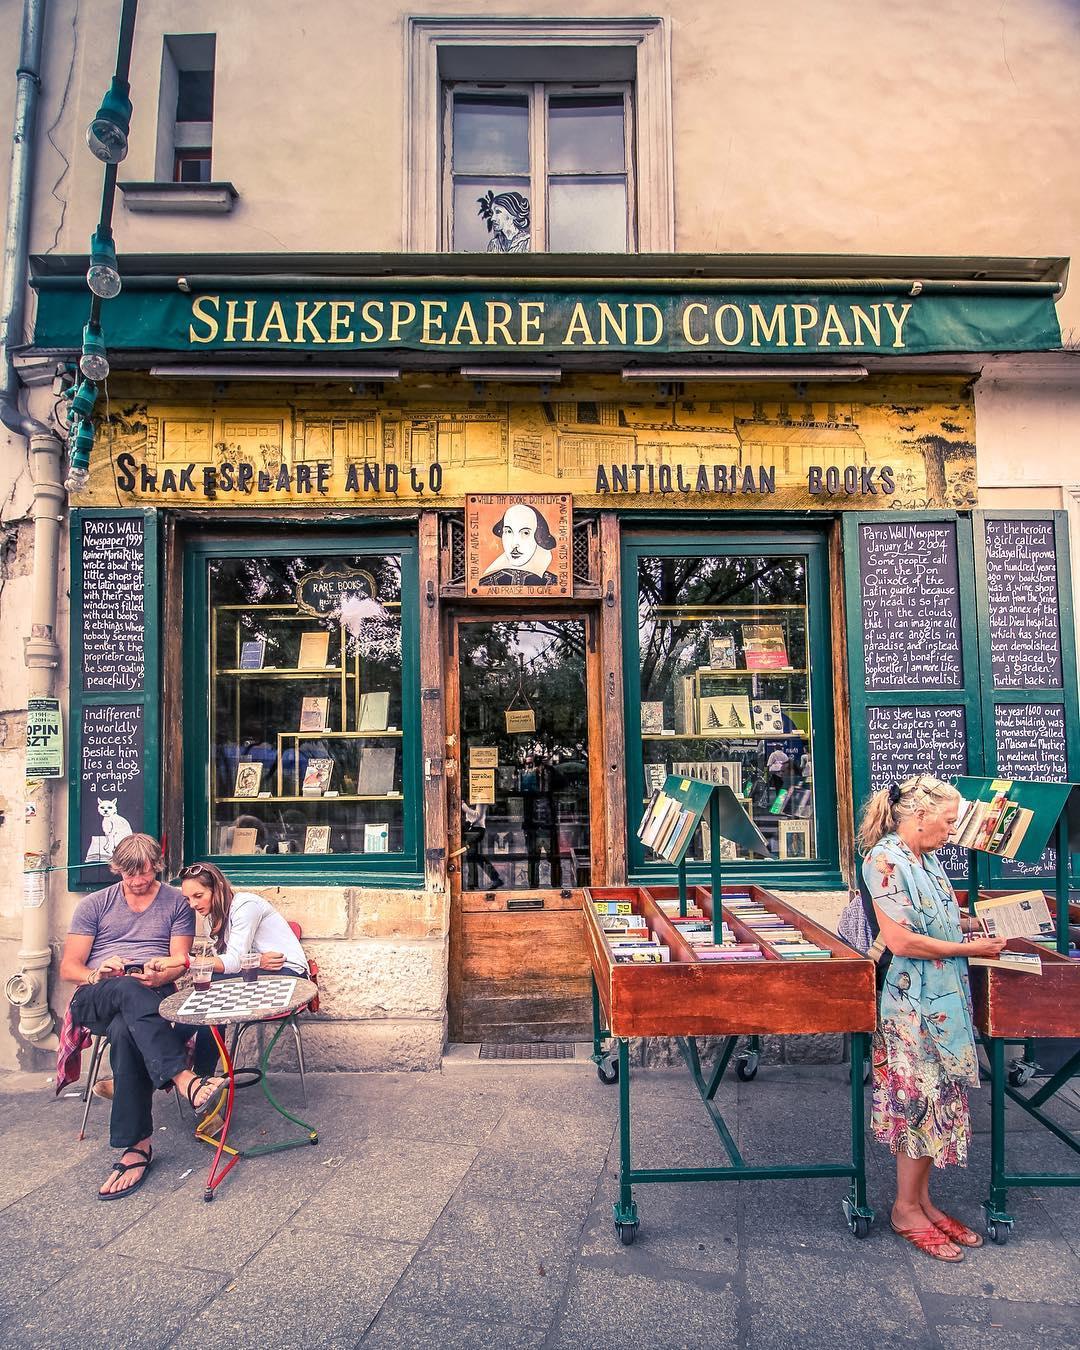 Dove Alloggiare A Parigi - Shakespeare and Comapny